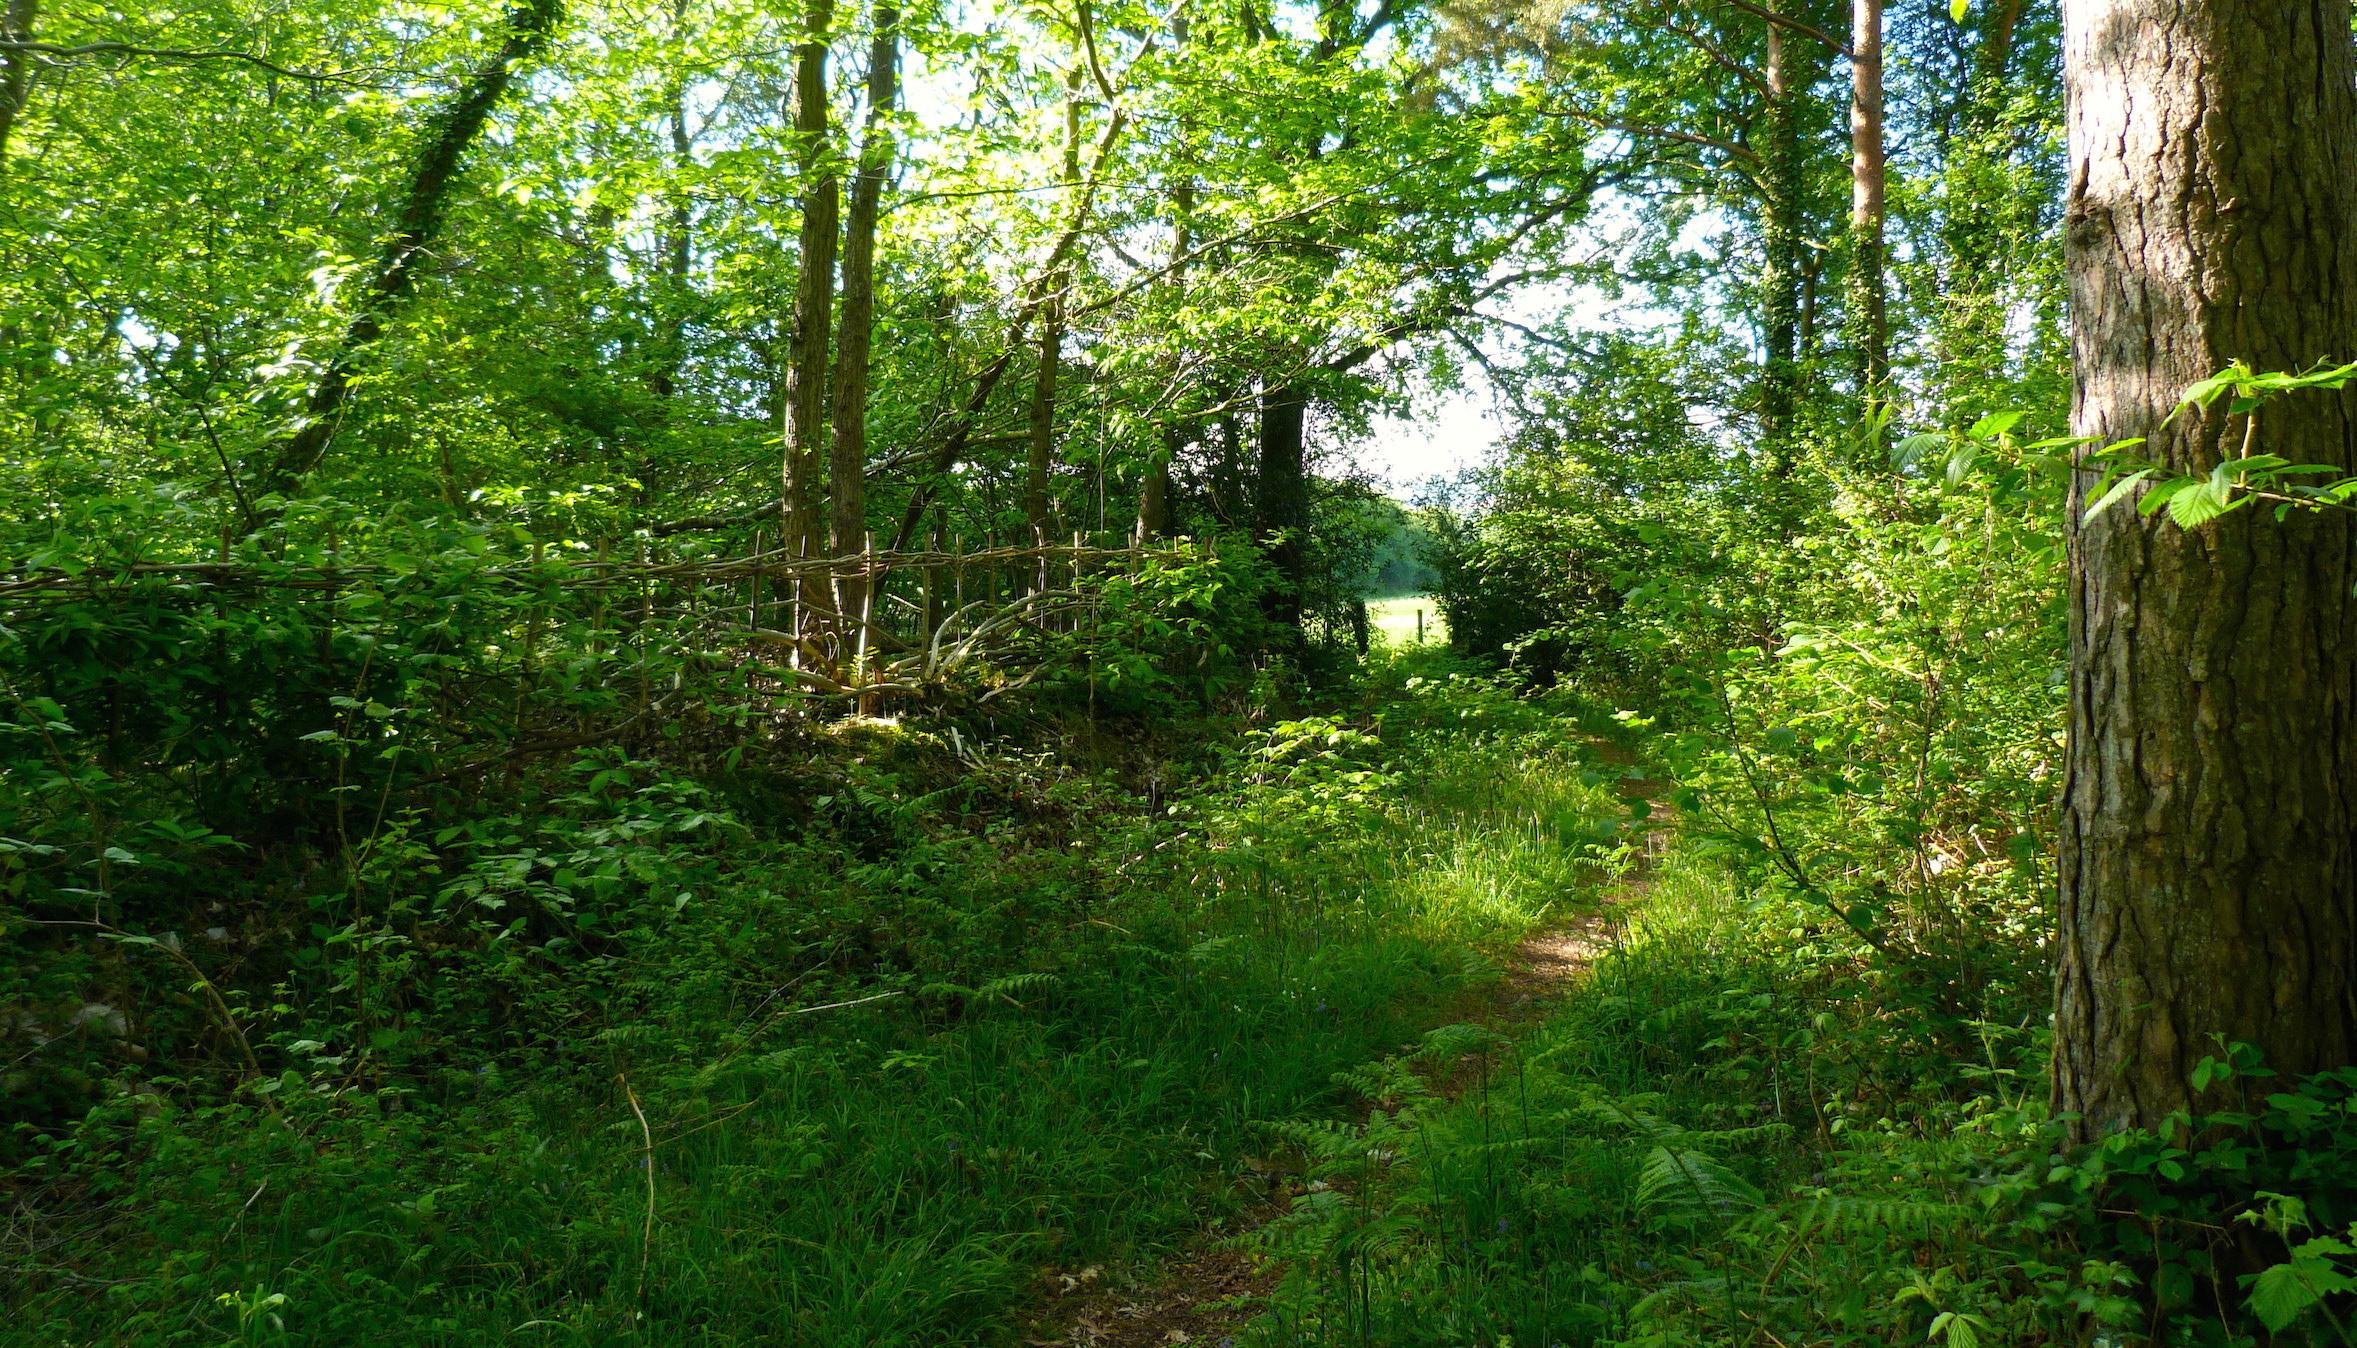 A nearby public footpath through beautiful woodland, 5 minutes walk